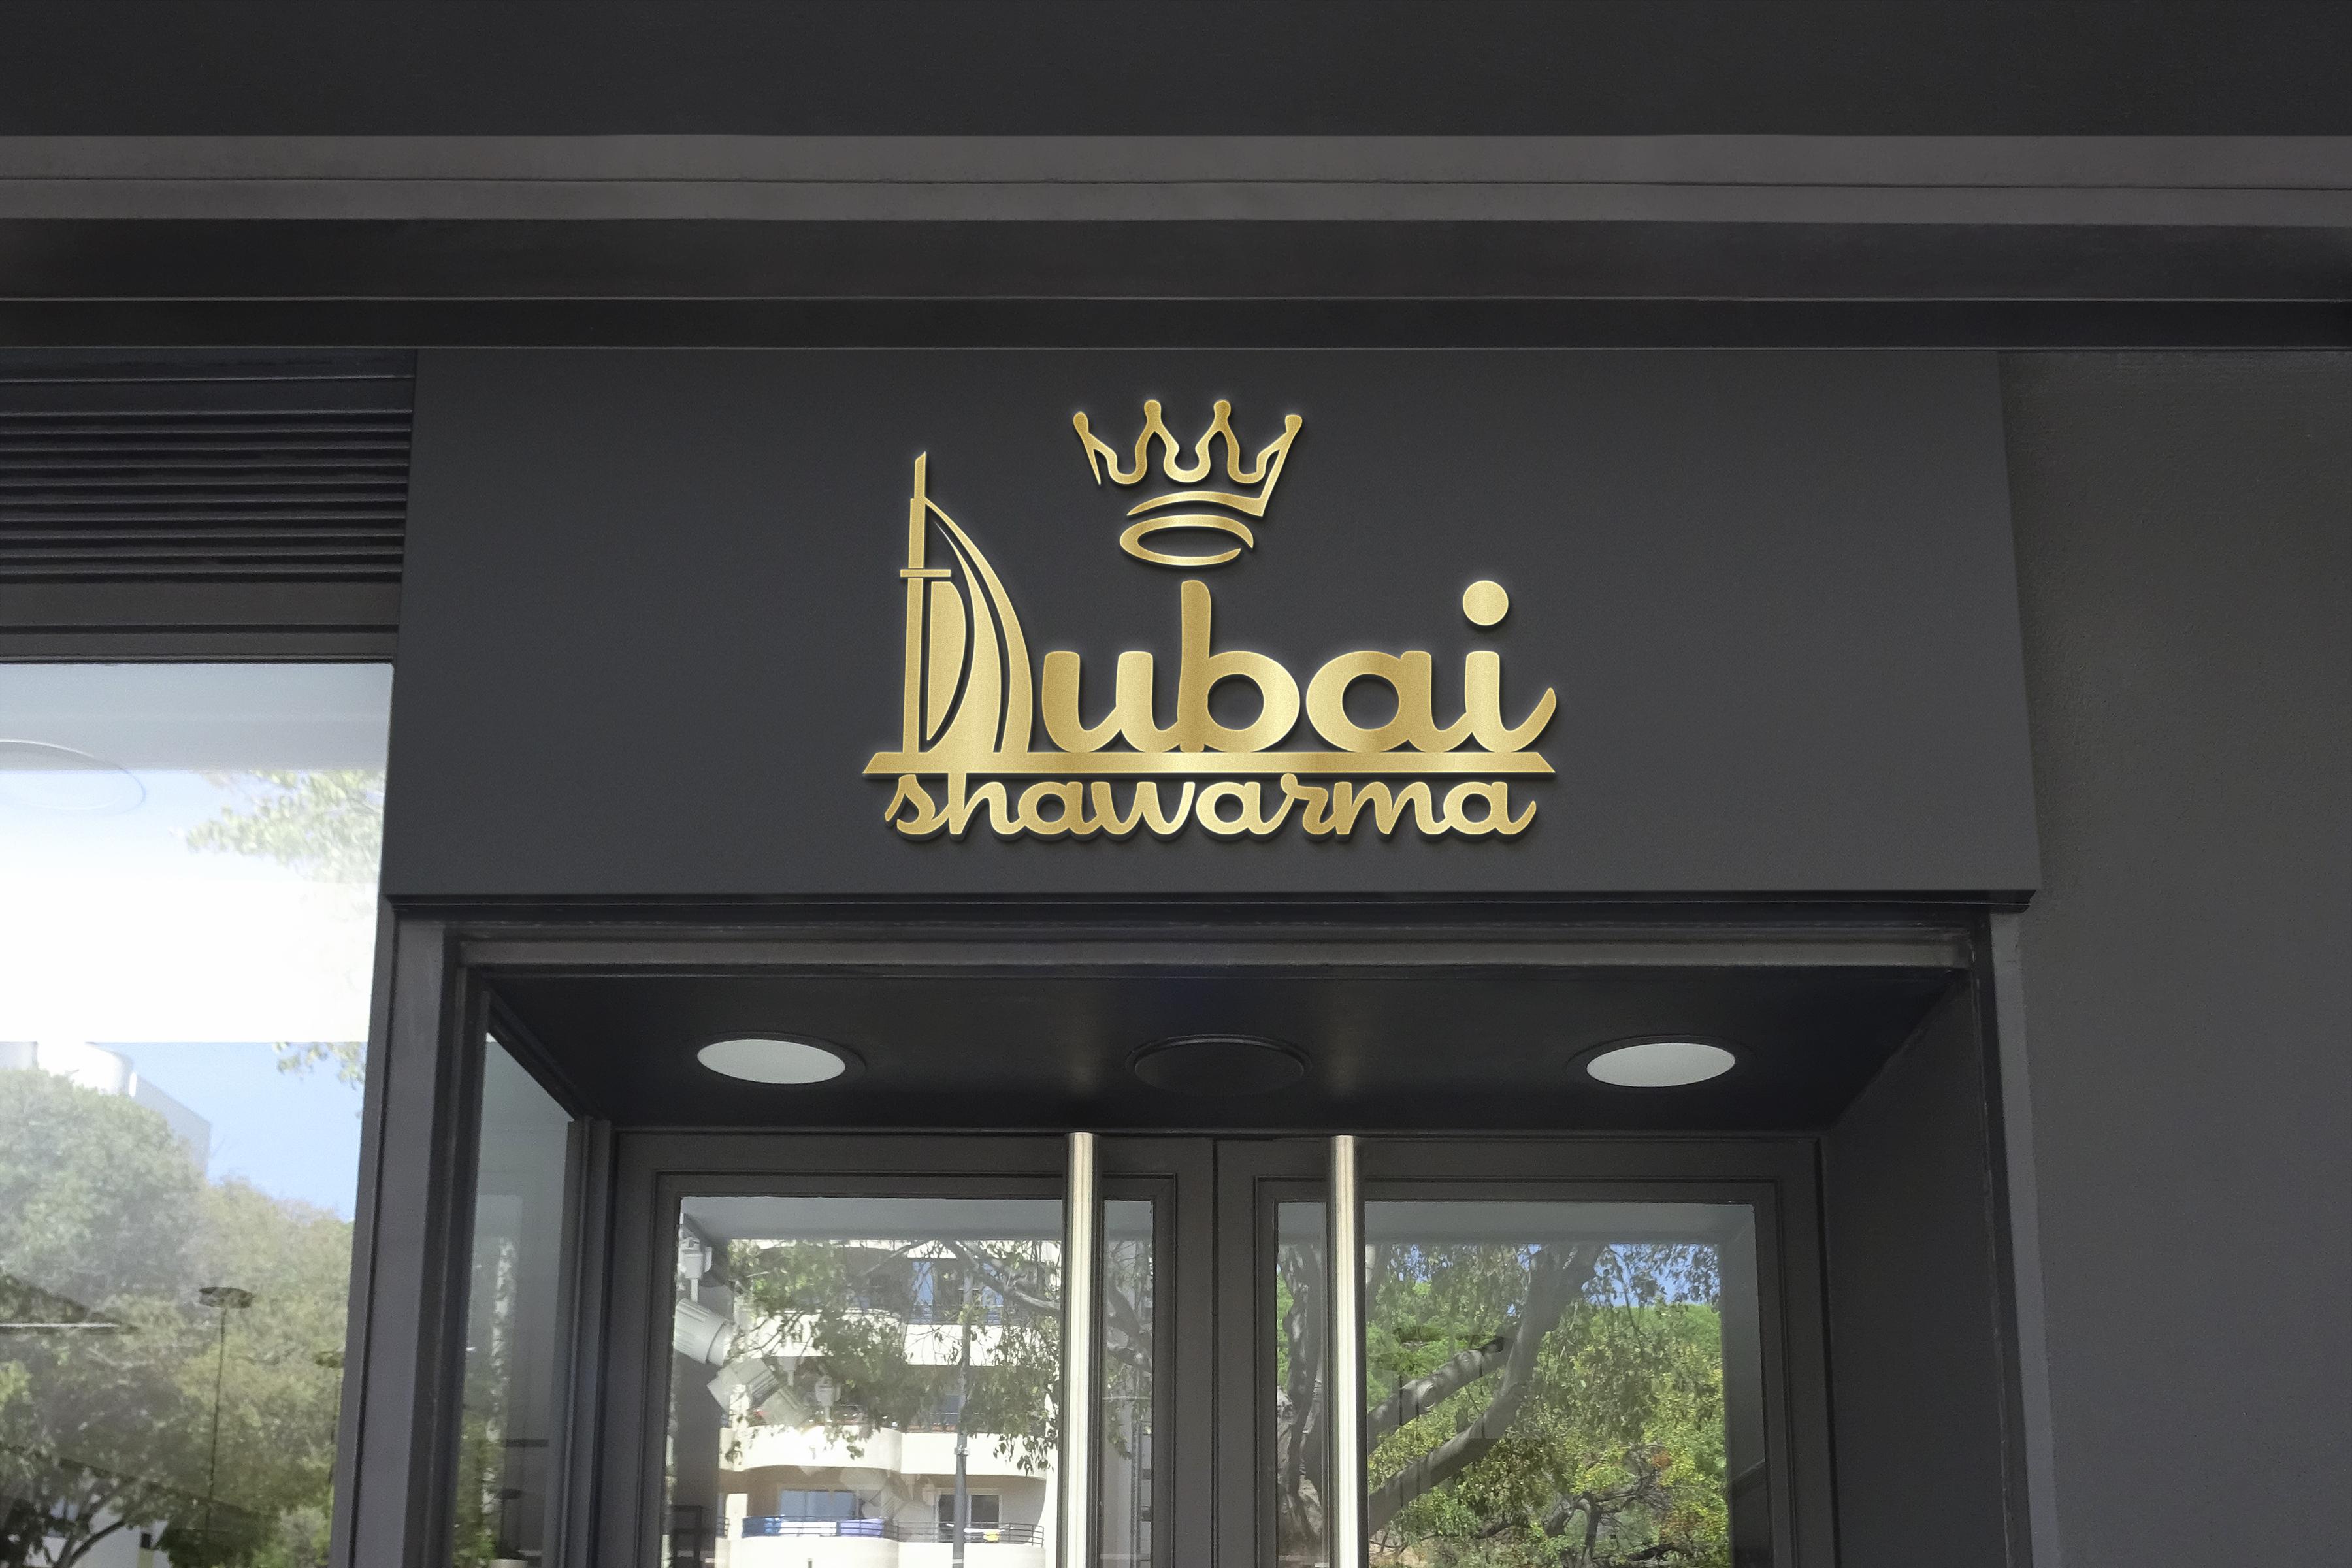 Dubai Shawarma